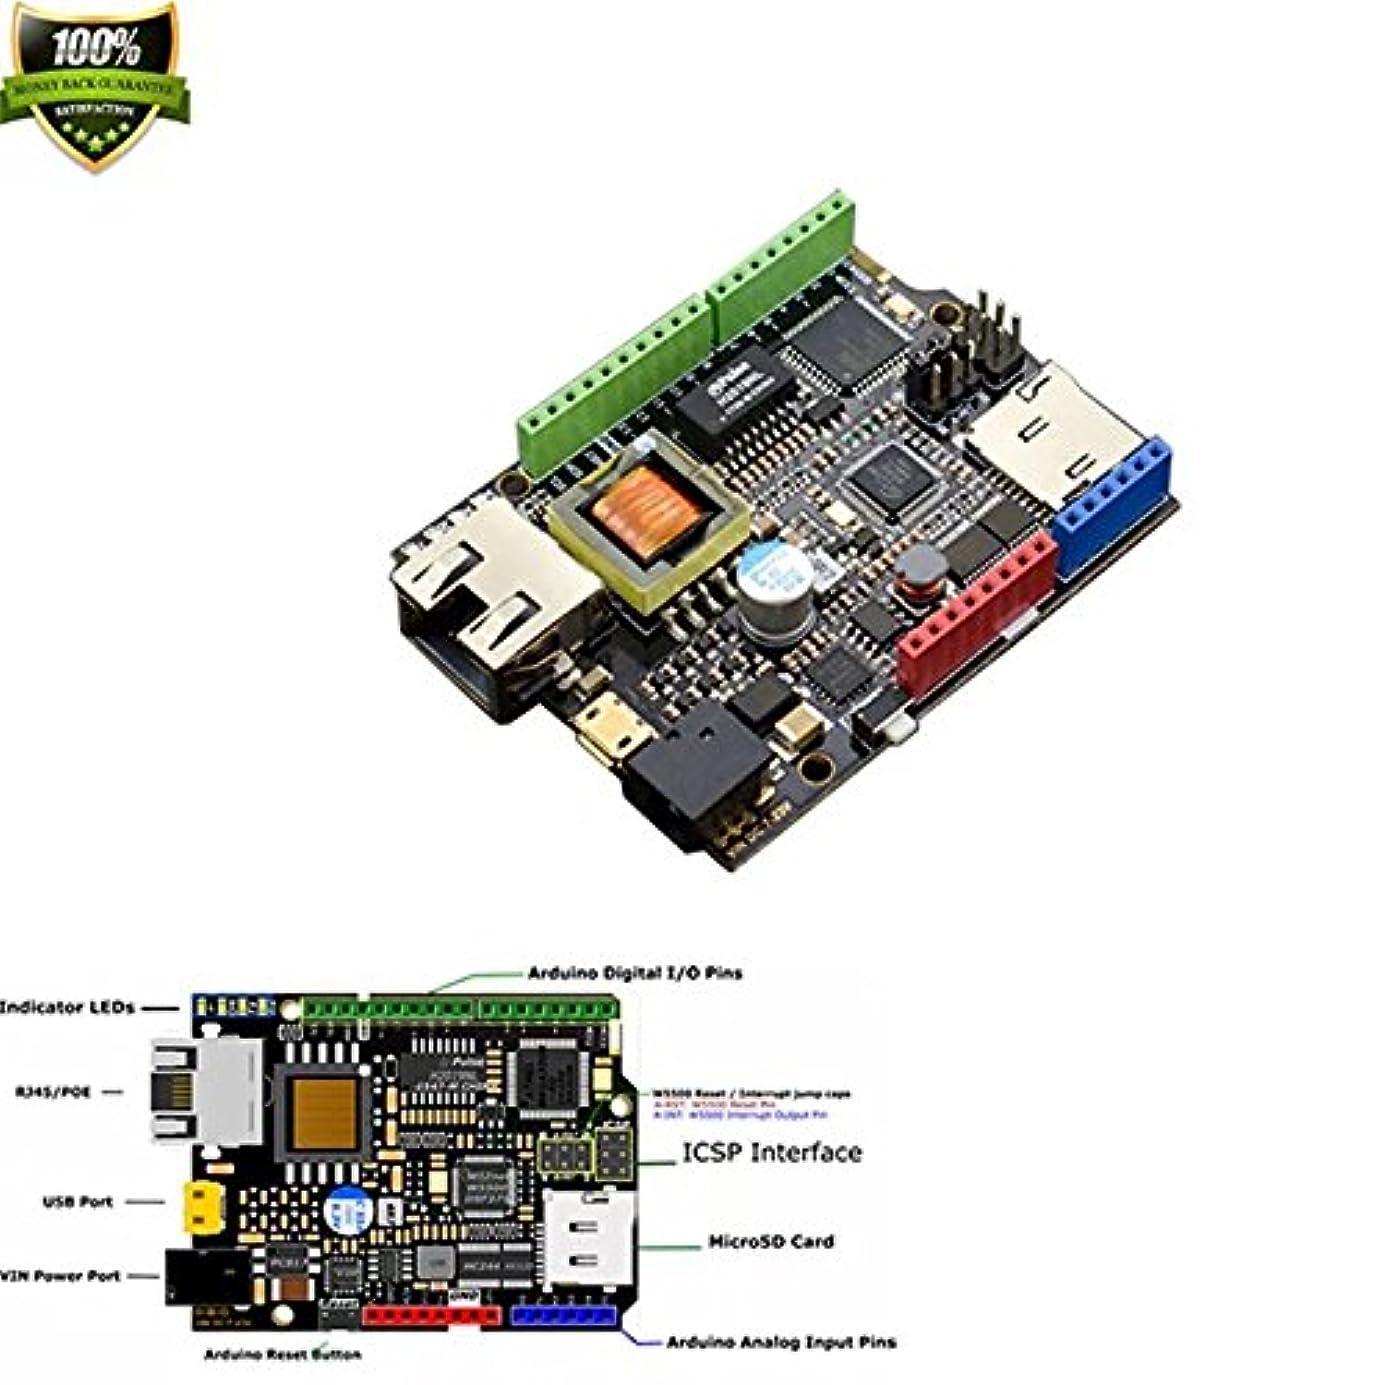 マインドスペインカタログw5500 Ethernet with PoEコントロールボードArduino互換/ w5500チップは、埋め込まHardwired Tcp / Ipイーサネットチップ簡単でのインターネット接続に組み込みシステム